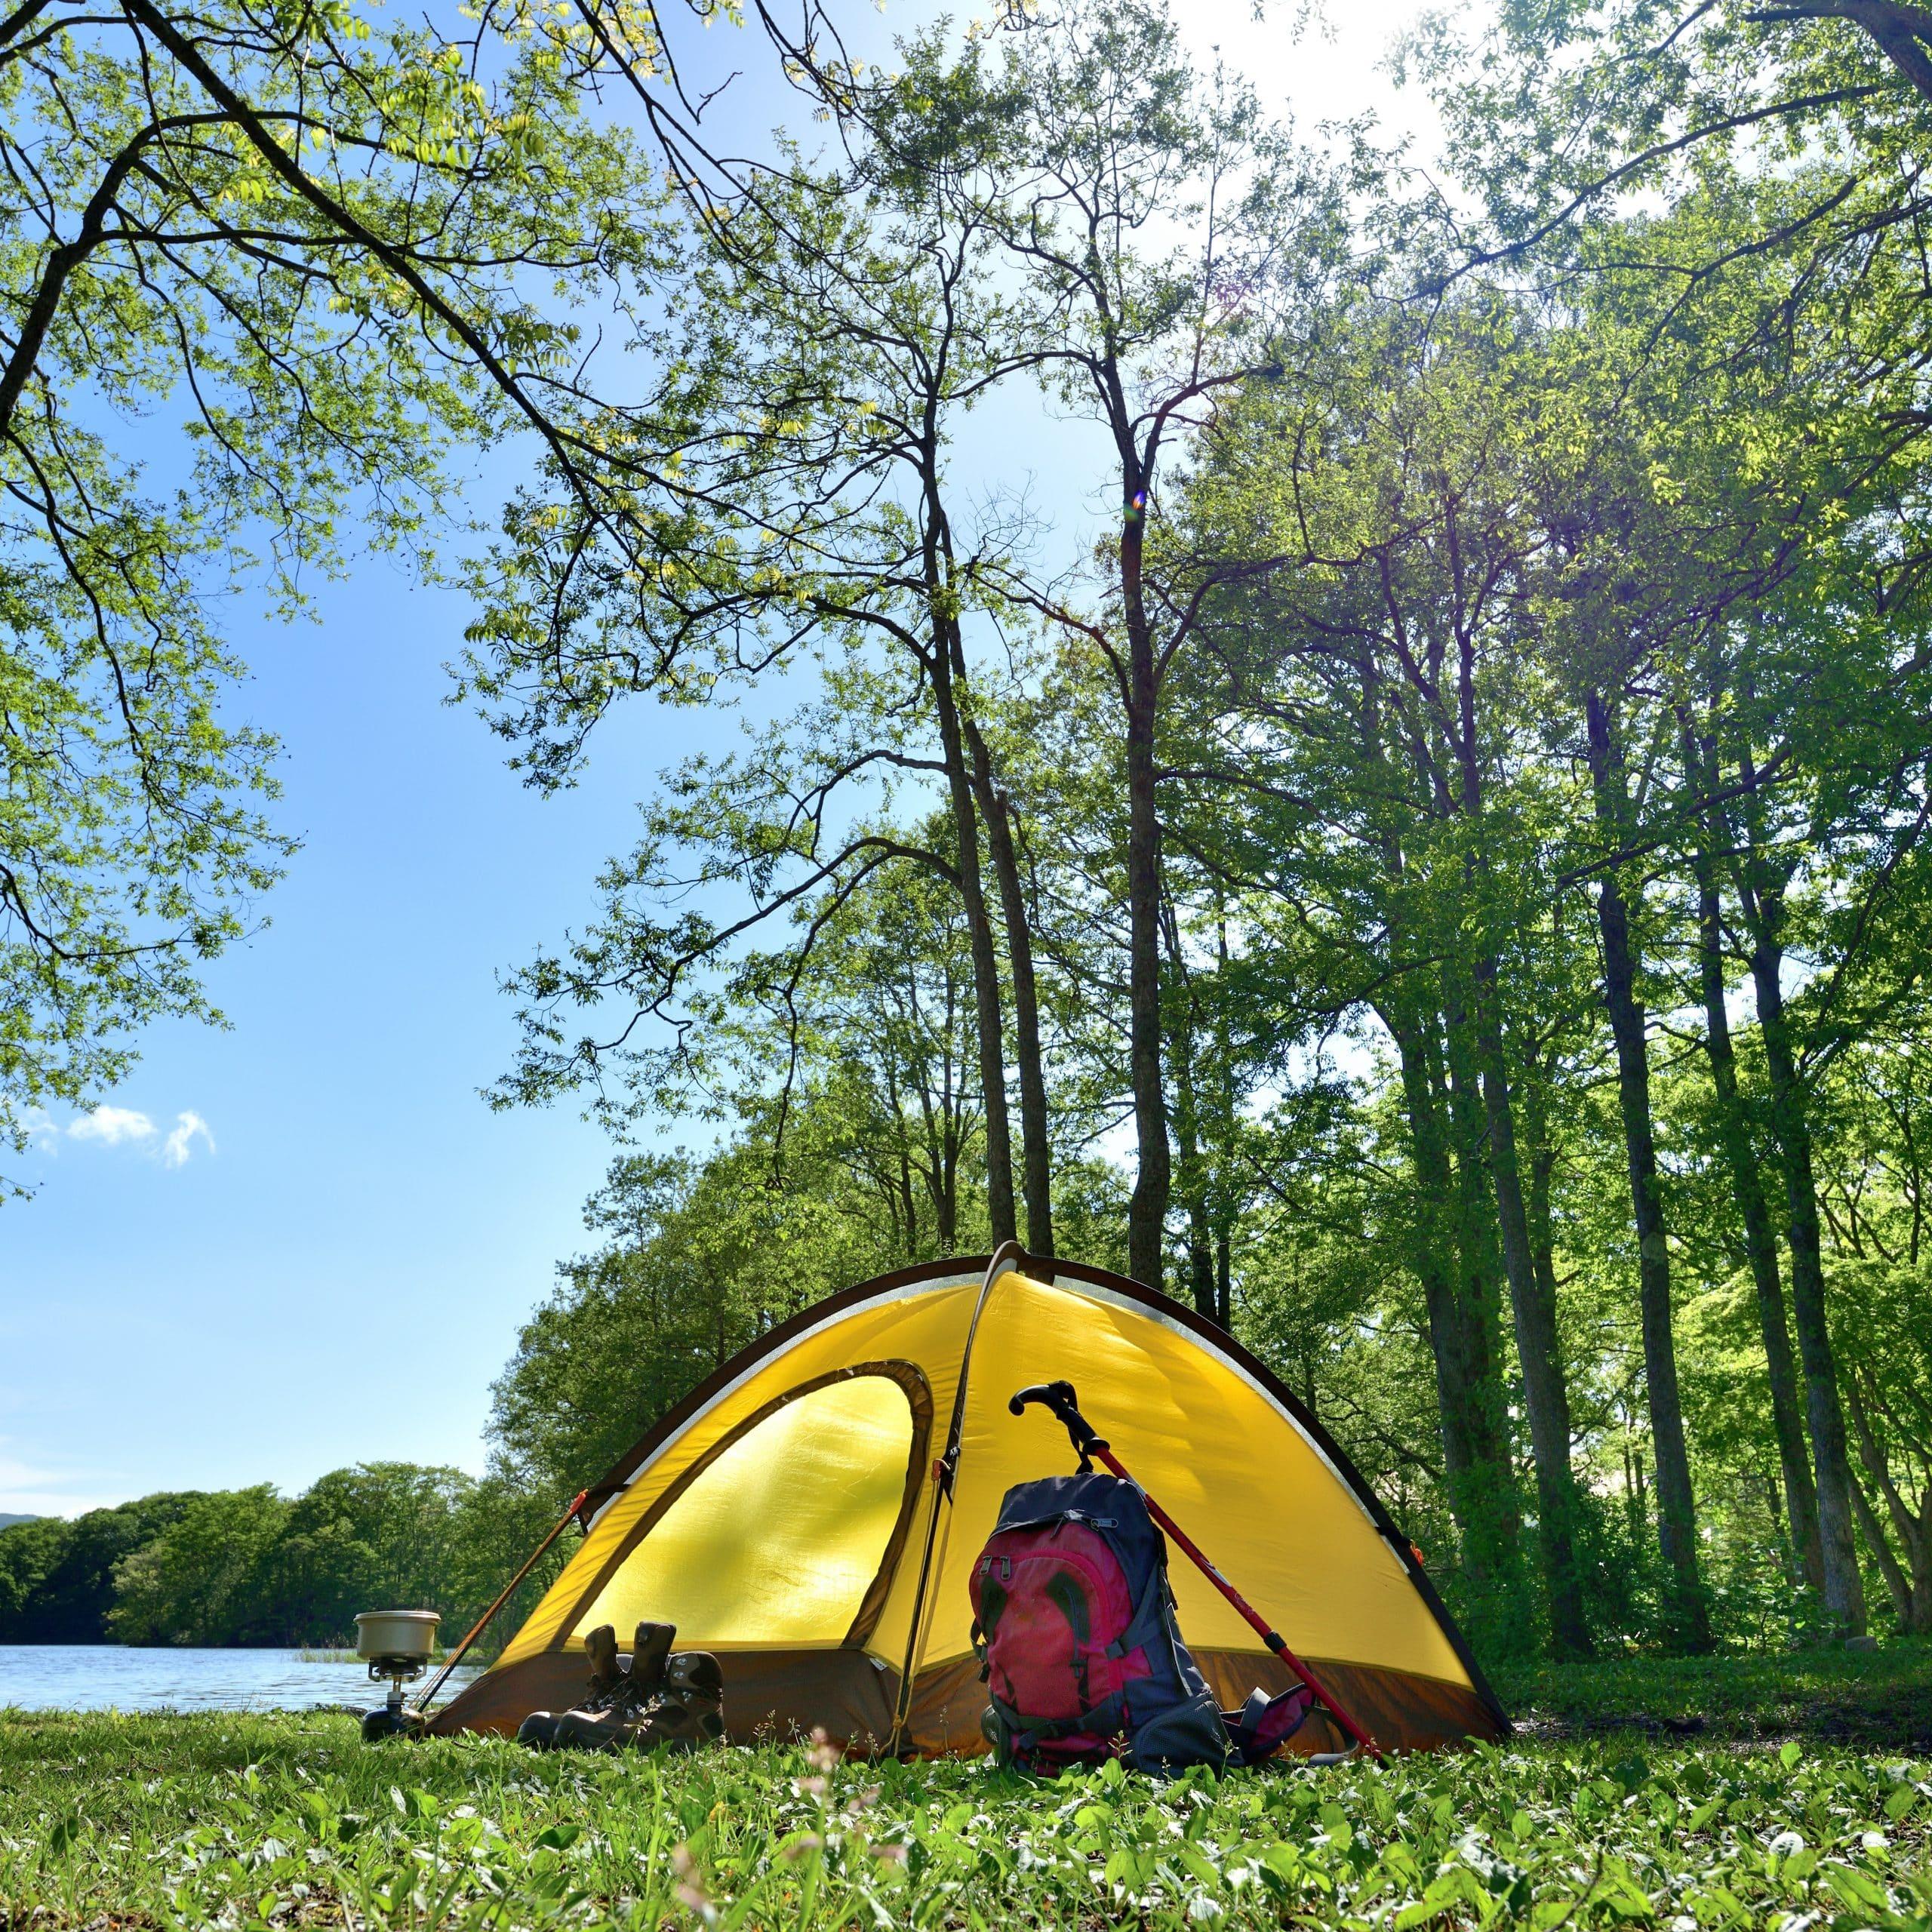 Sicher und idyllisch: Zelten hat dieses Jahr an Beliebtheit gewonnen